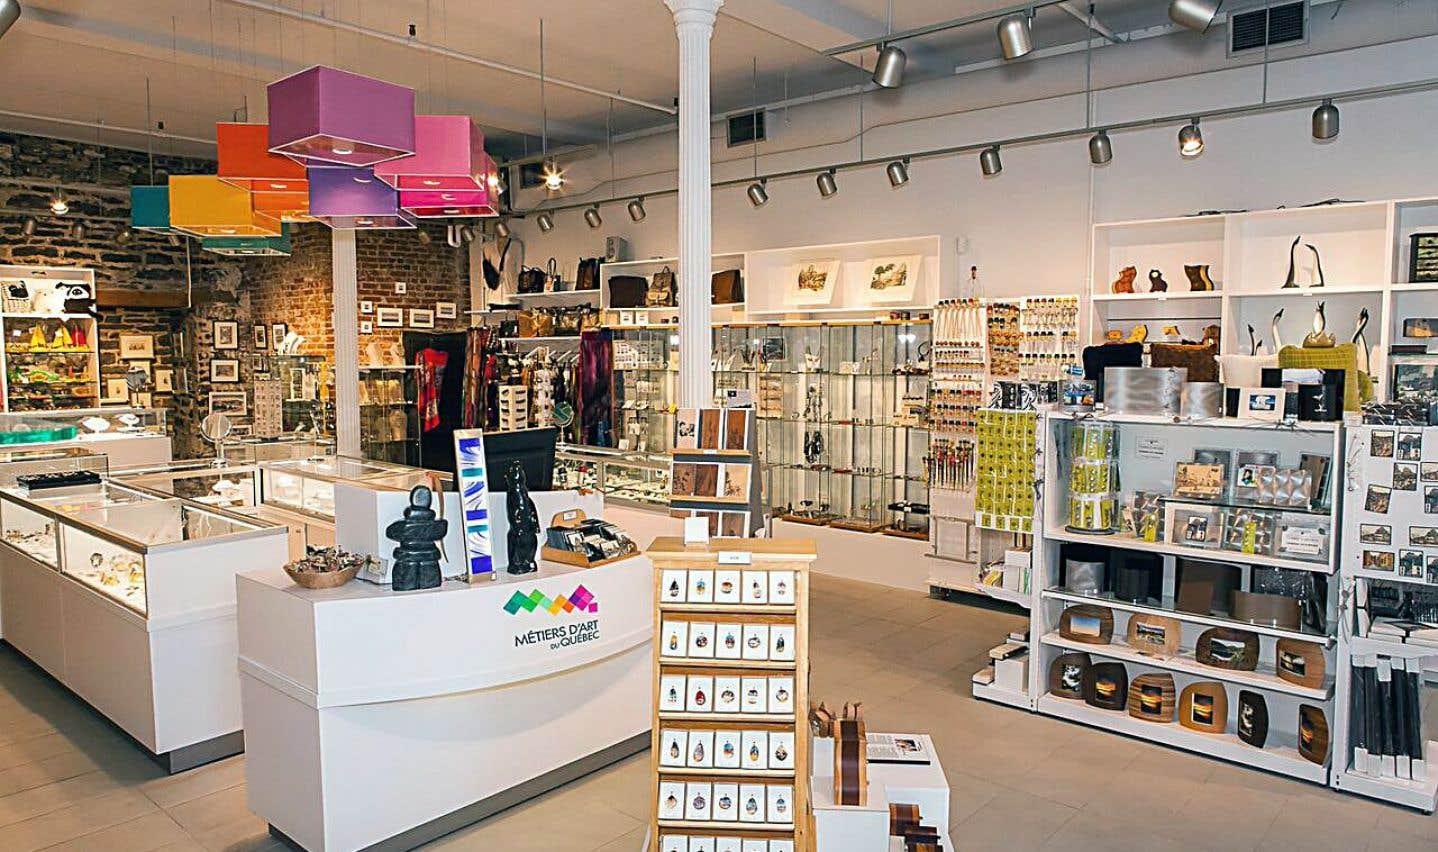 Il y a encore quelque temps, les boutiques spécialisées uniquement dans les métiers d'art québécois se comptaient sur les doigts d'une main; aujourd'hui, elles sont environ une douzaine à travers le Québec.